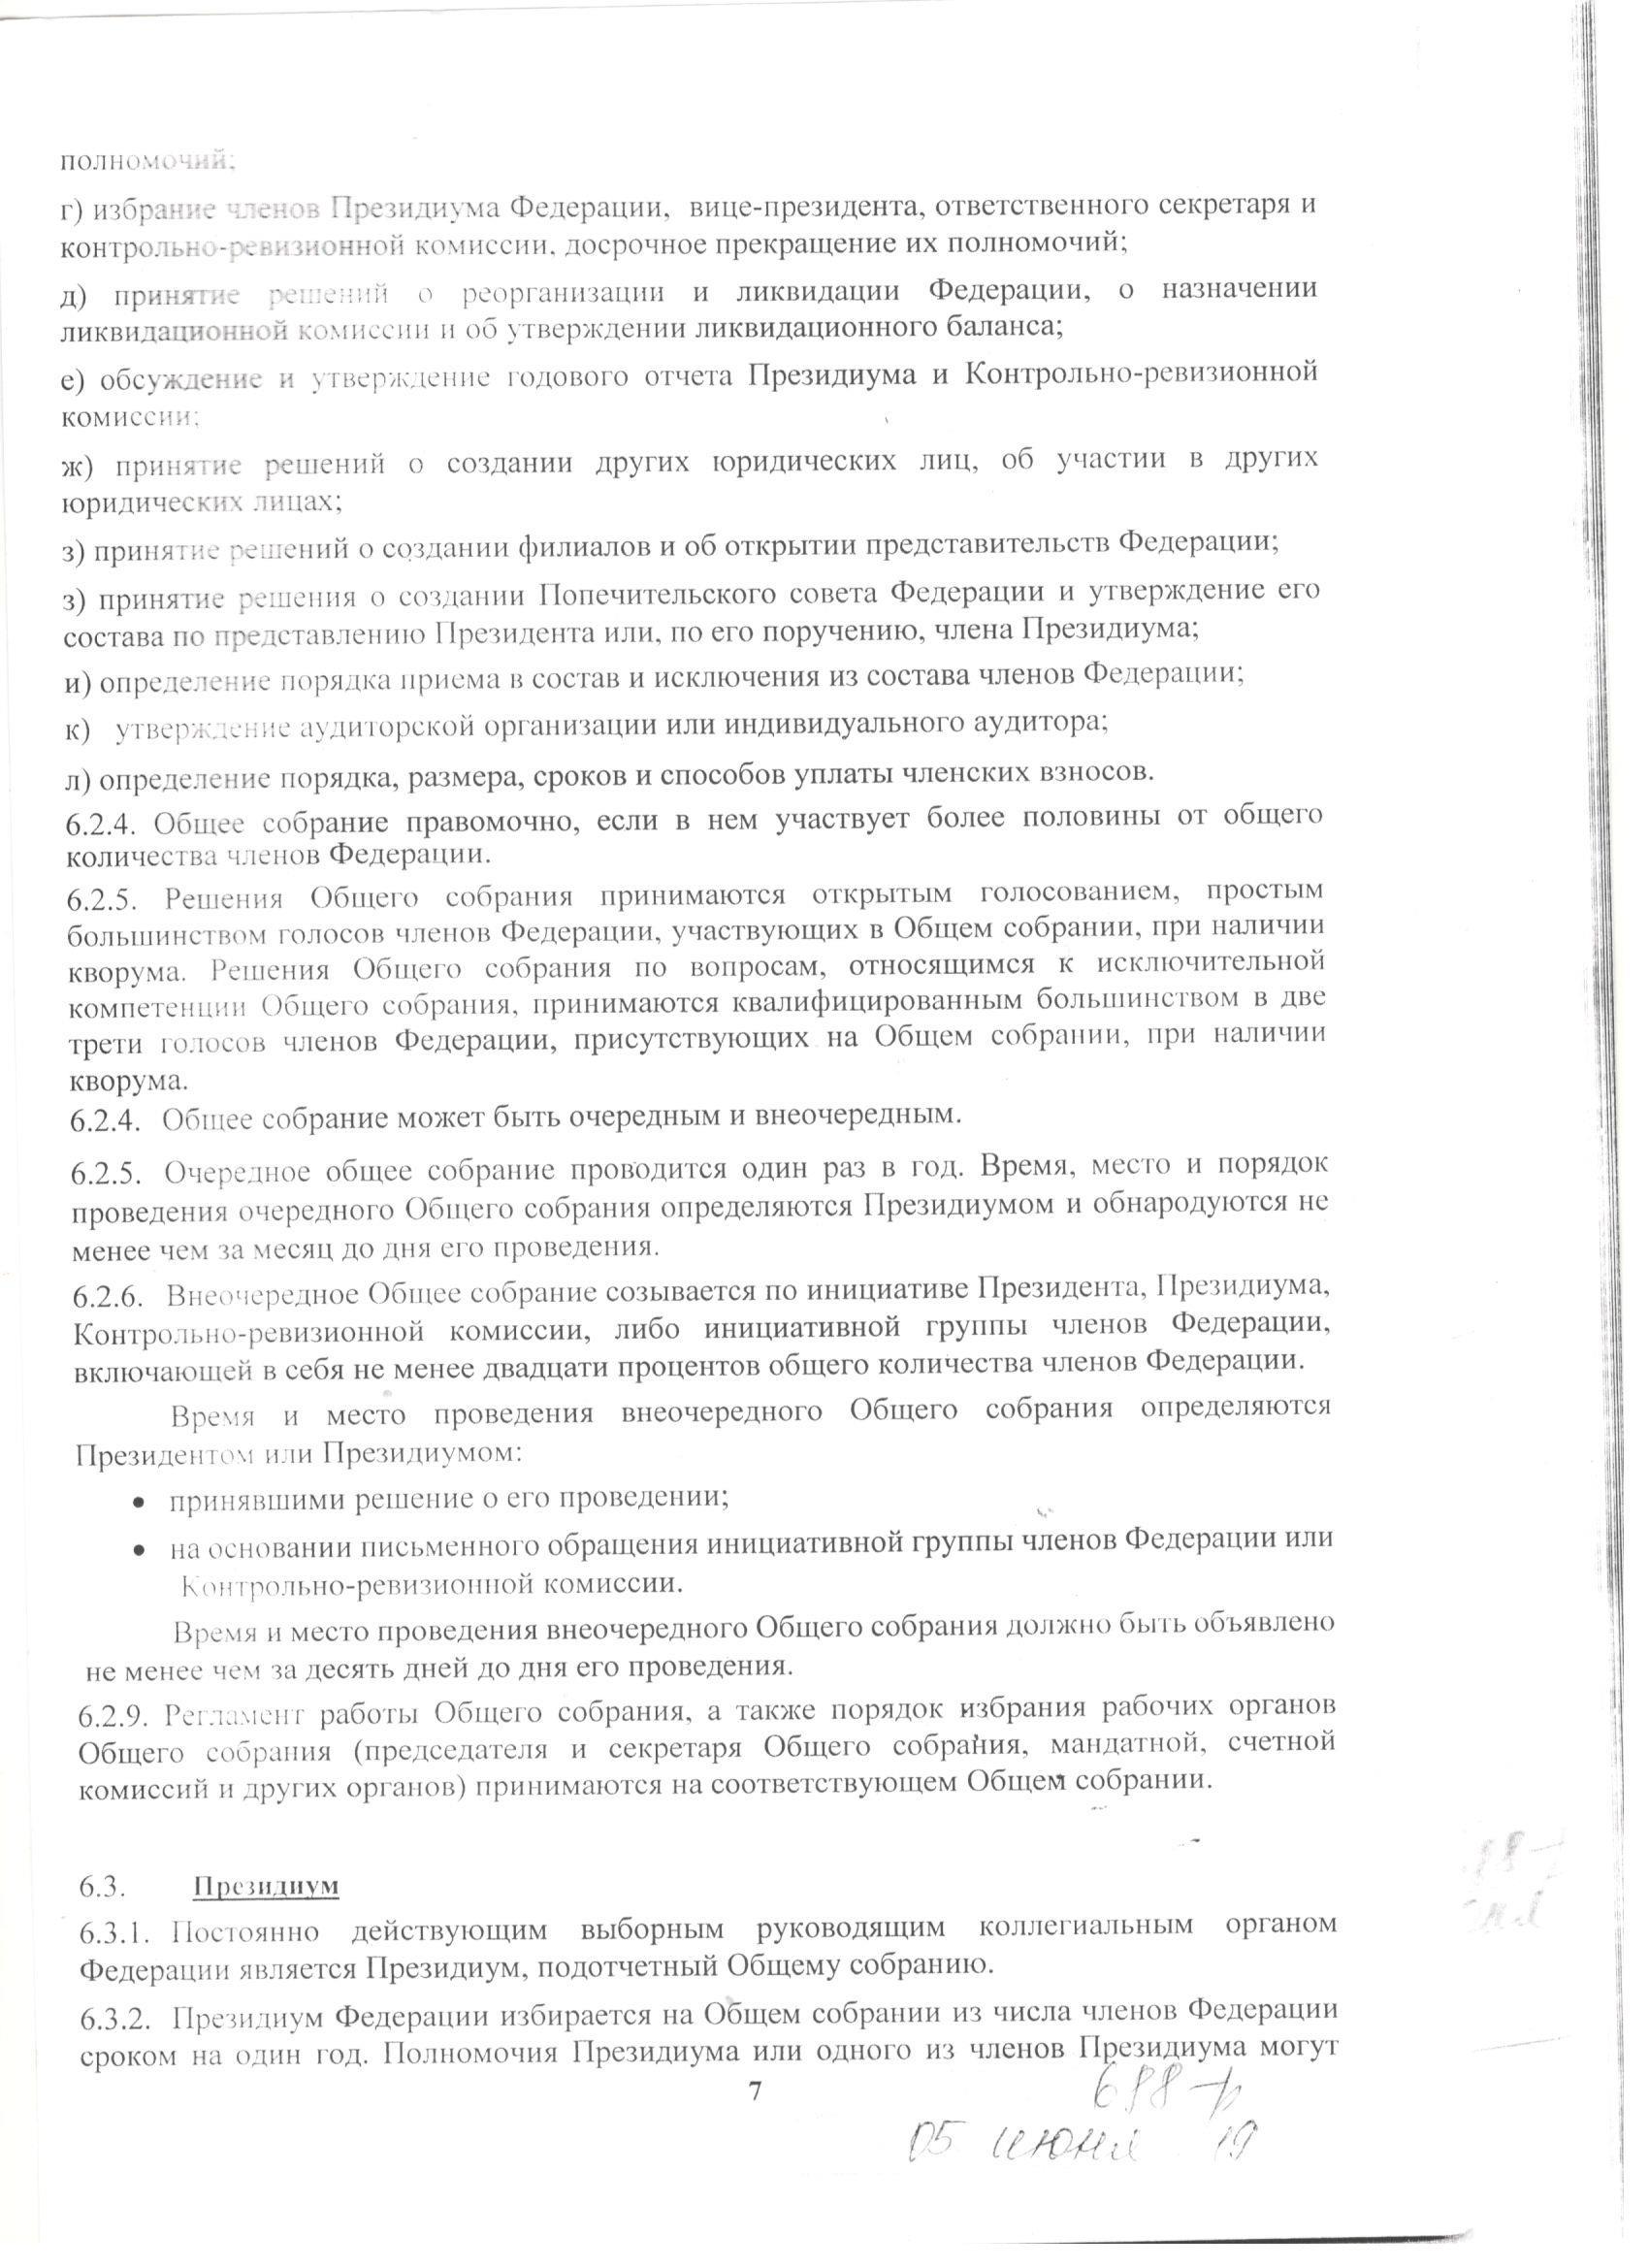 http://forumupload.ru/uploads/0014/11/ca/2/857510.jpg